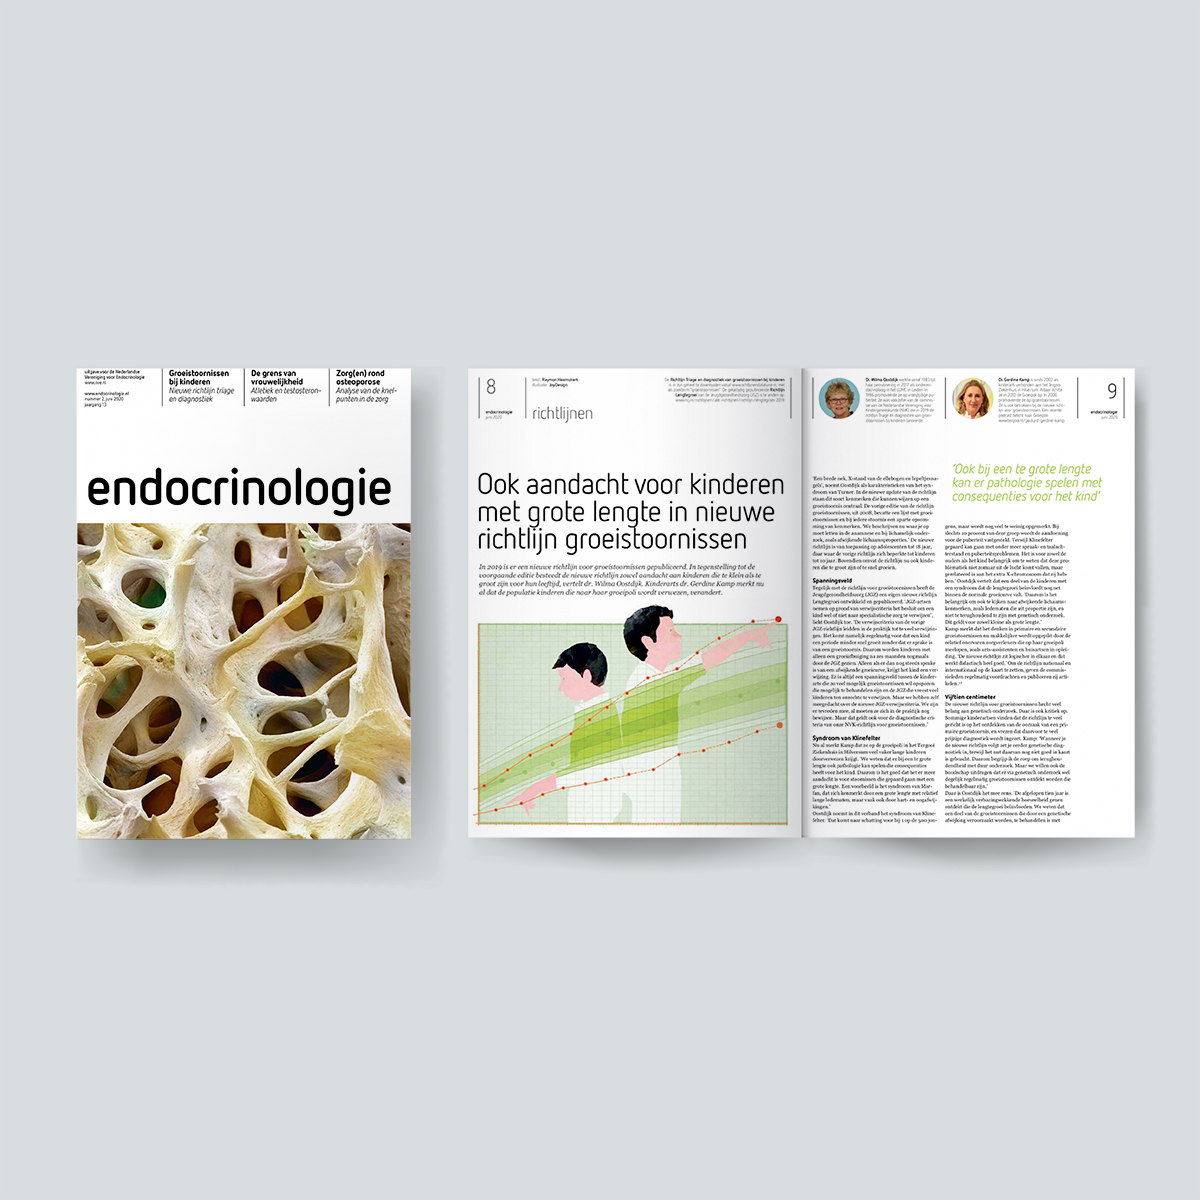 endo_mockup-cover-en-opengeslagen-magazine-2-paginas